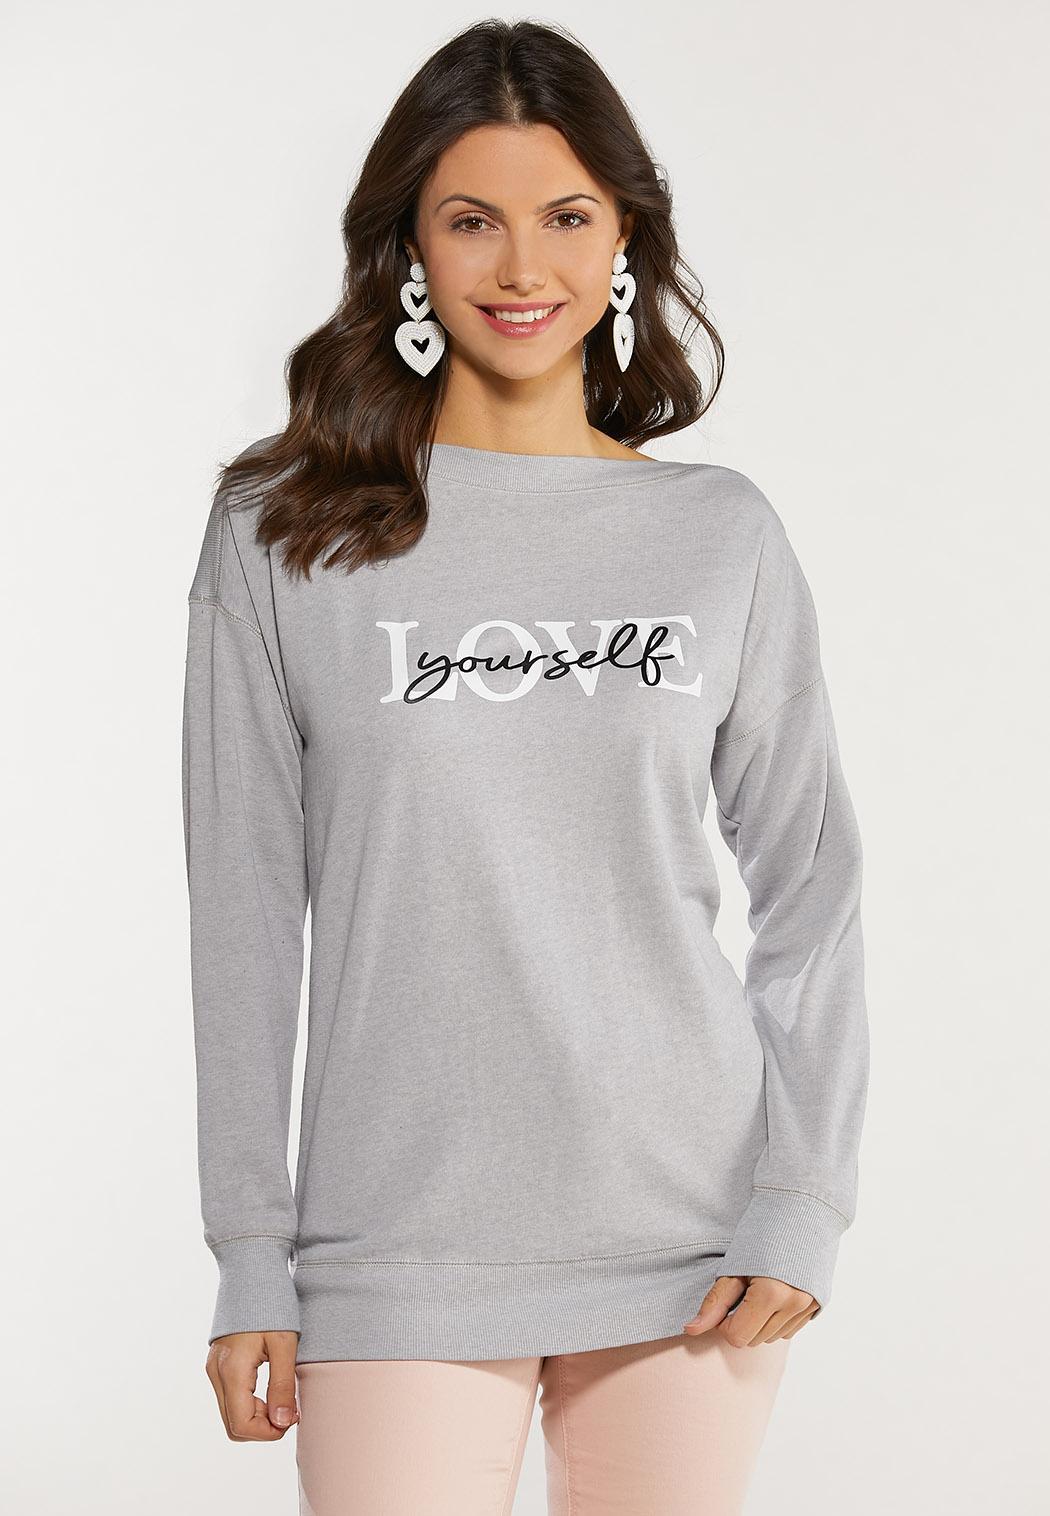 Love Yourself Sweatshirt